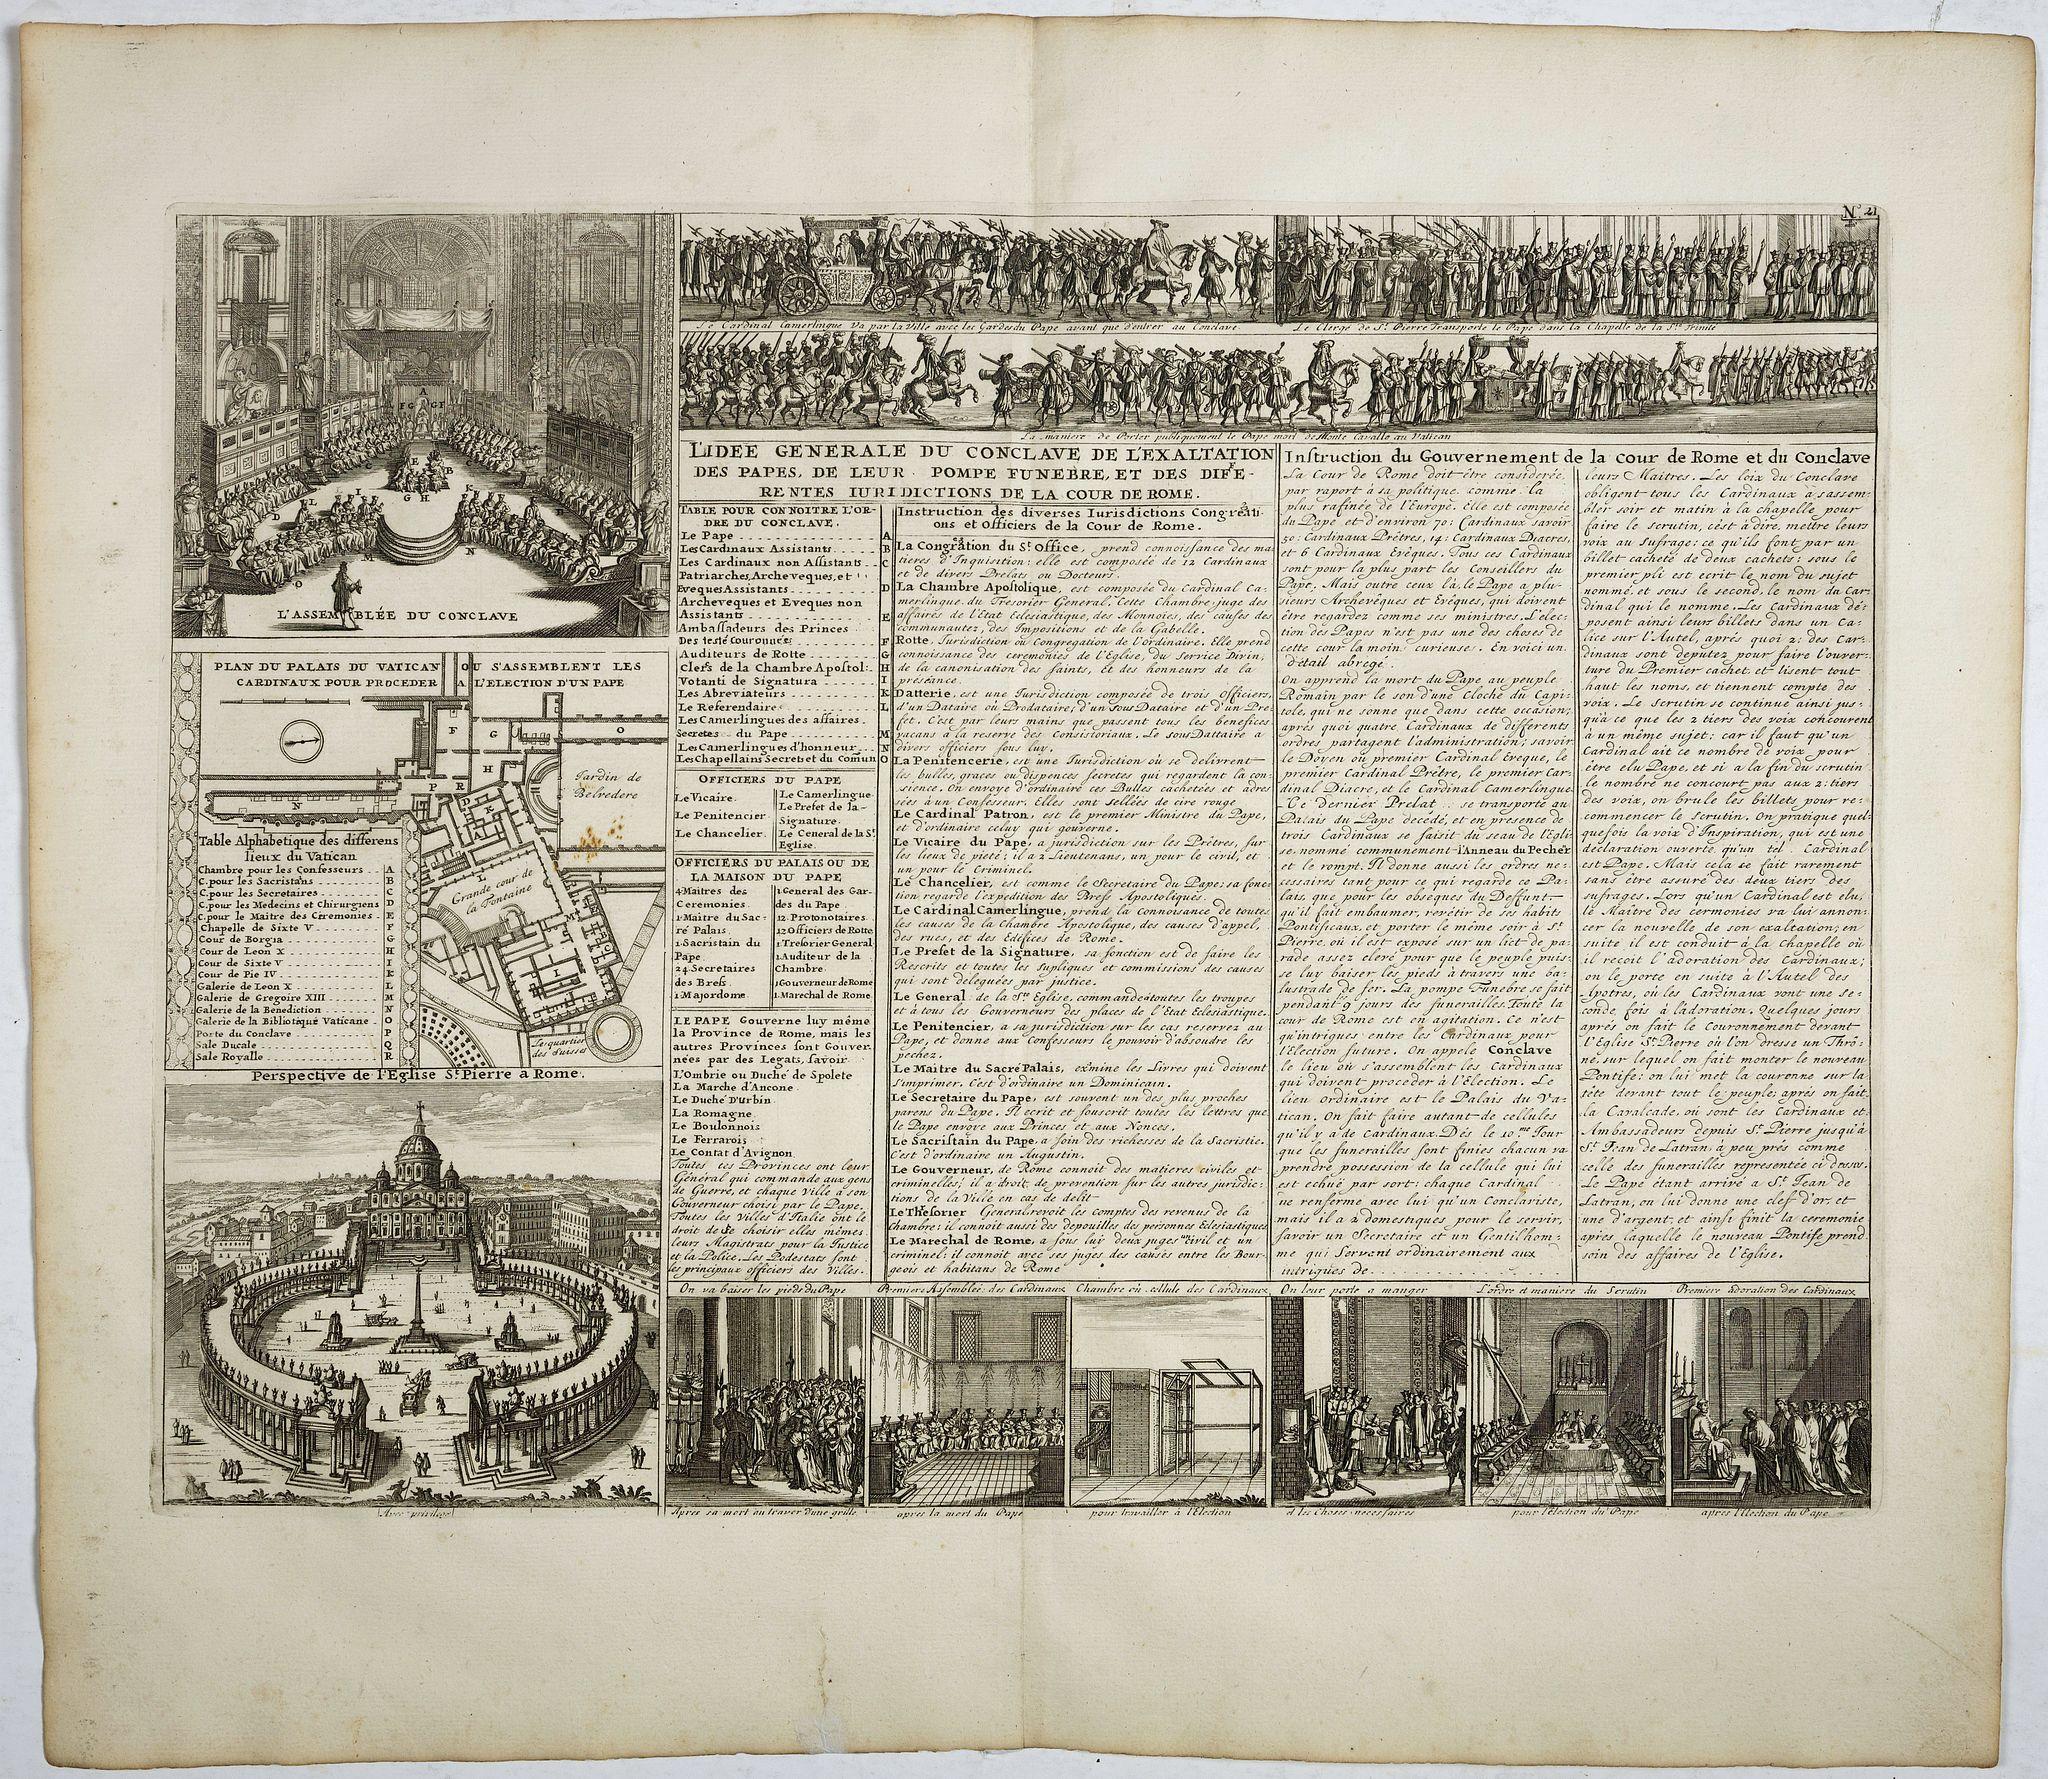 CHATELAIN, H. -  L'idée geneale du conclave de l'exaltation des papes, de leur pompe funebre et des differentes juridictions de la cour de Rome.